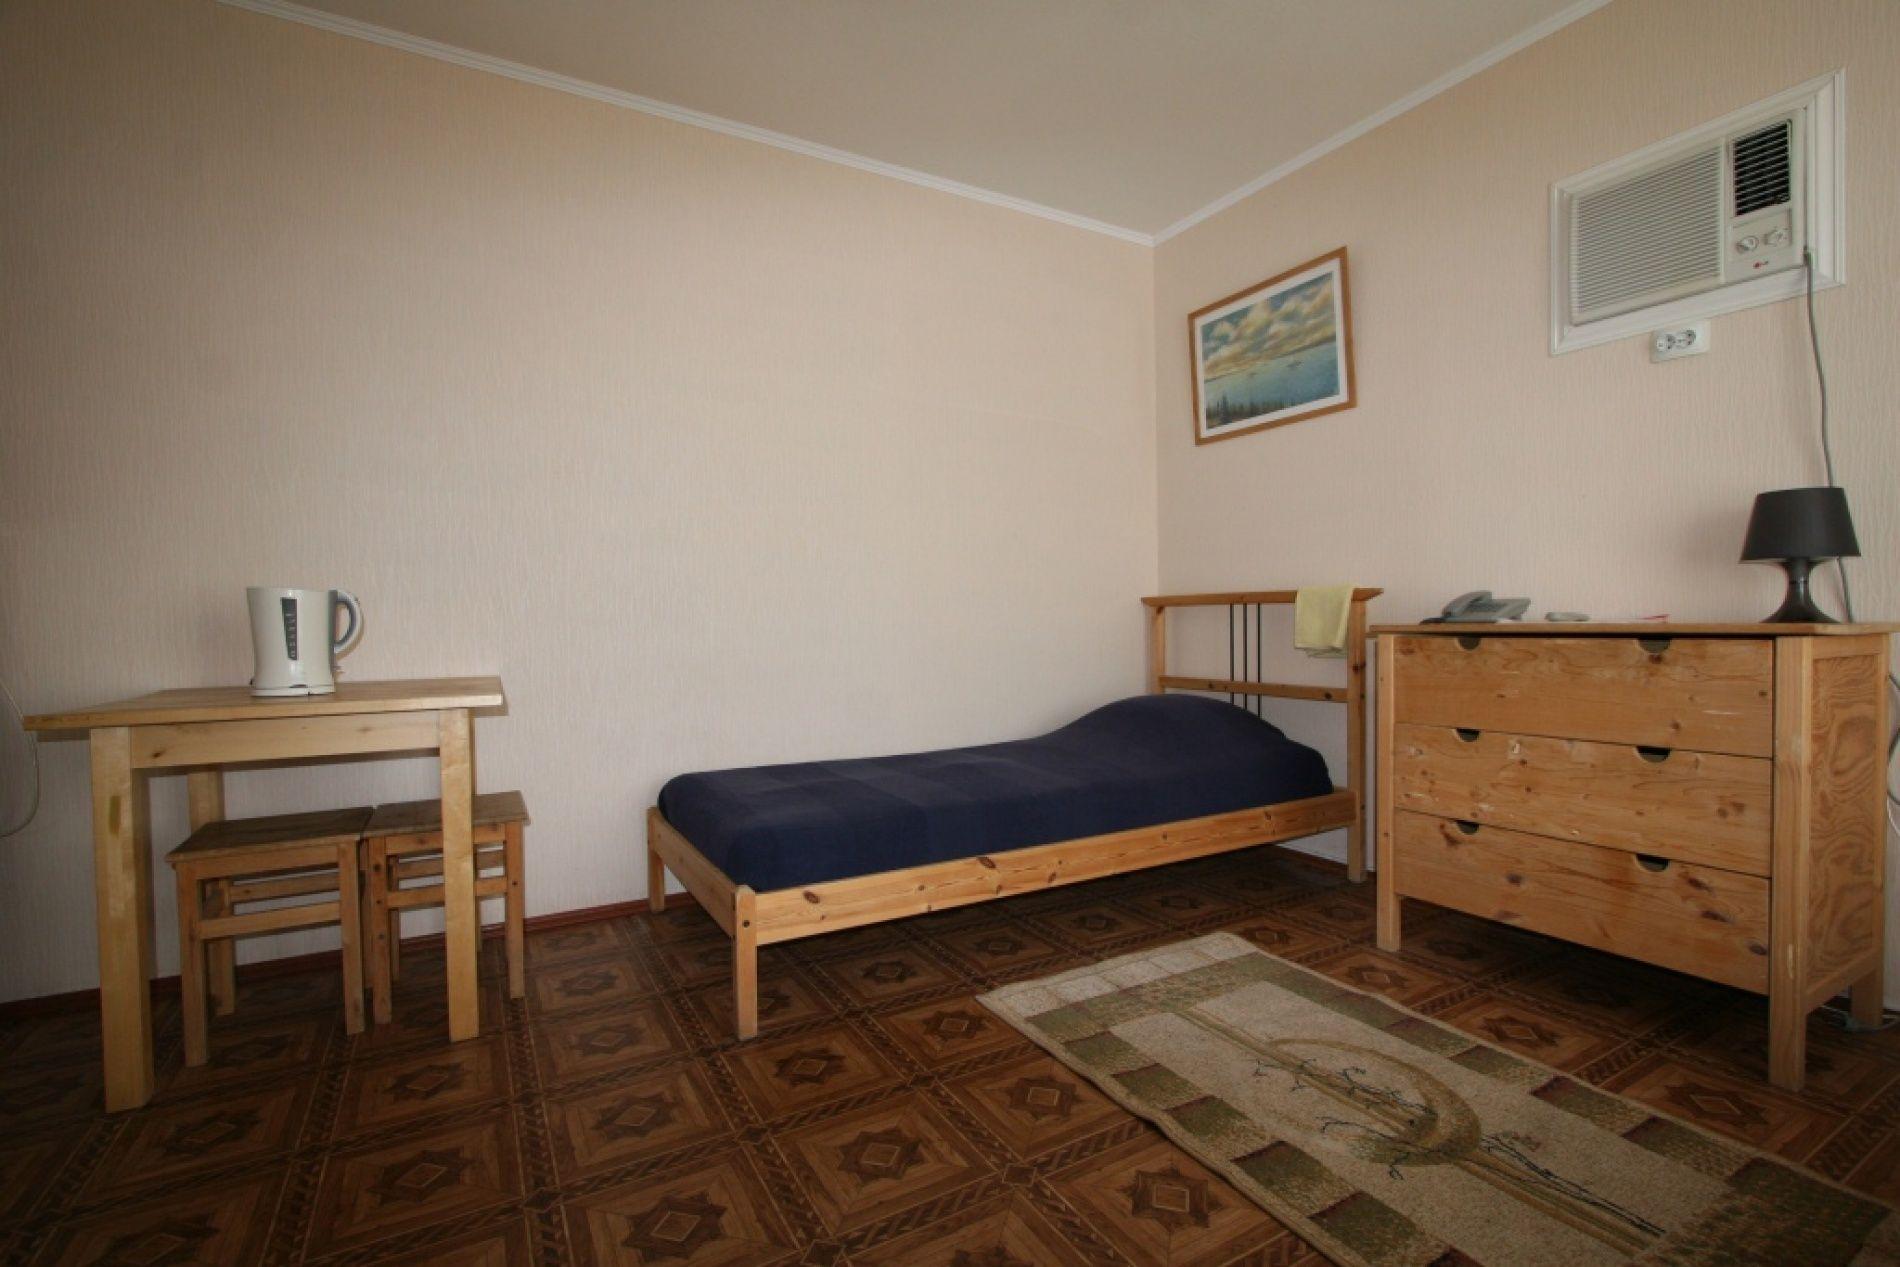 """Рыболовная база """"Ахтуба"""" Астраханская область """"Одноэтажный коттедж на 2 места"""", фото 2"""